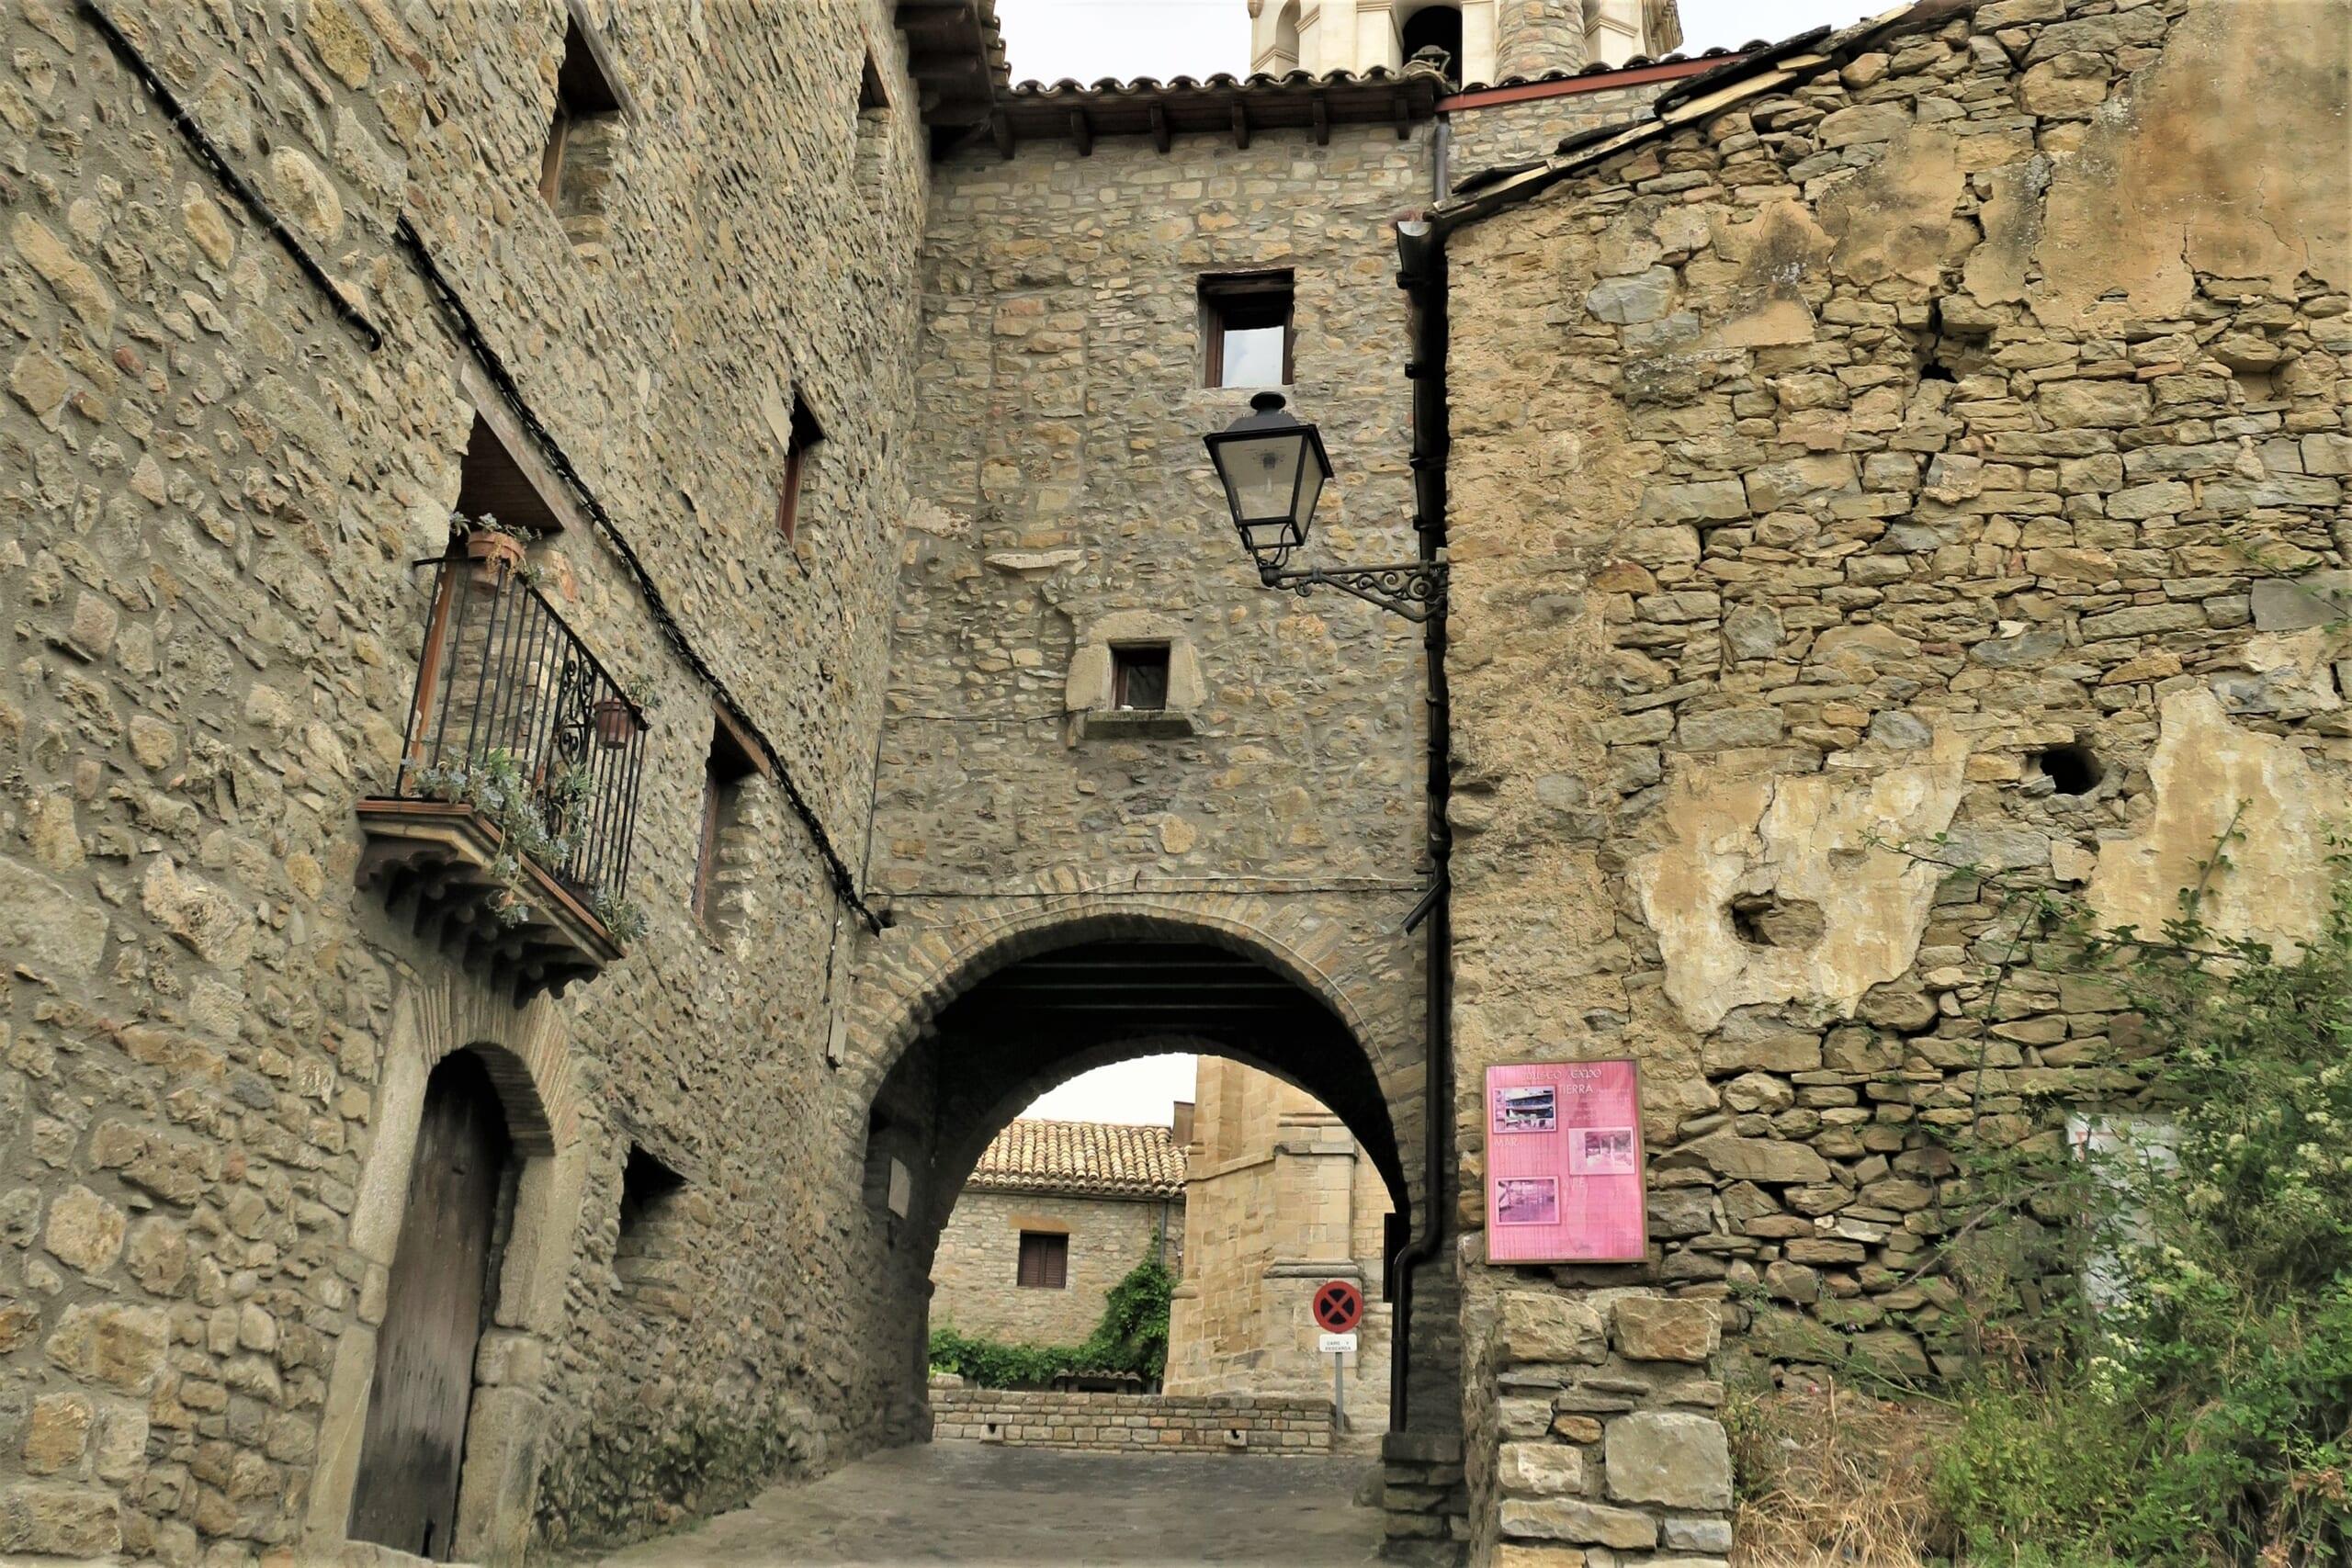 北スペインの観光スポットであるピレネーのロダ・デ・イサベナ